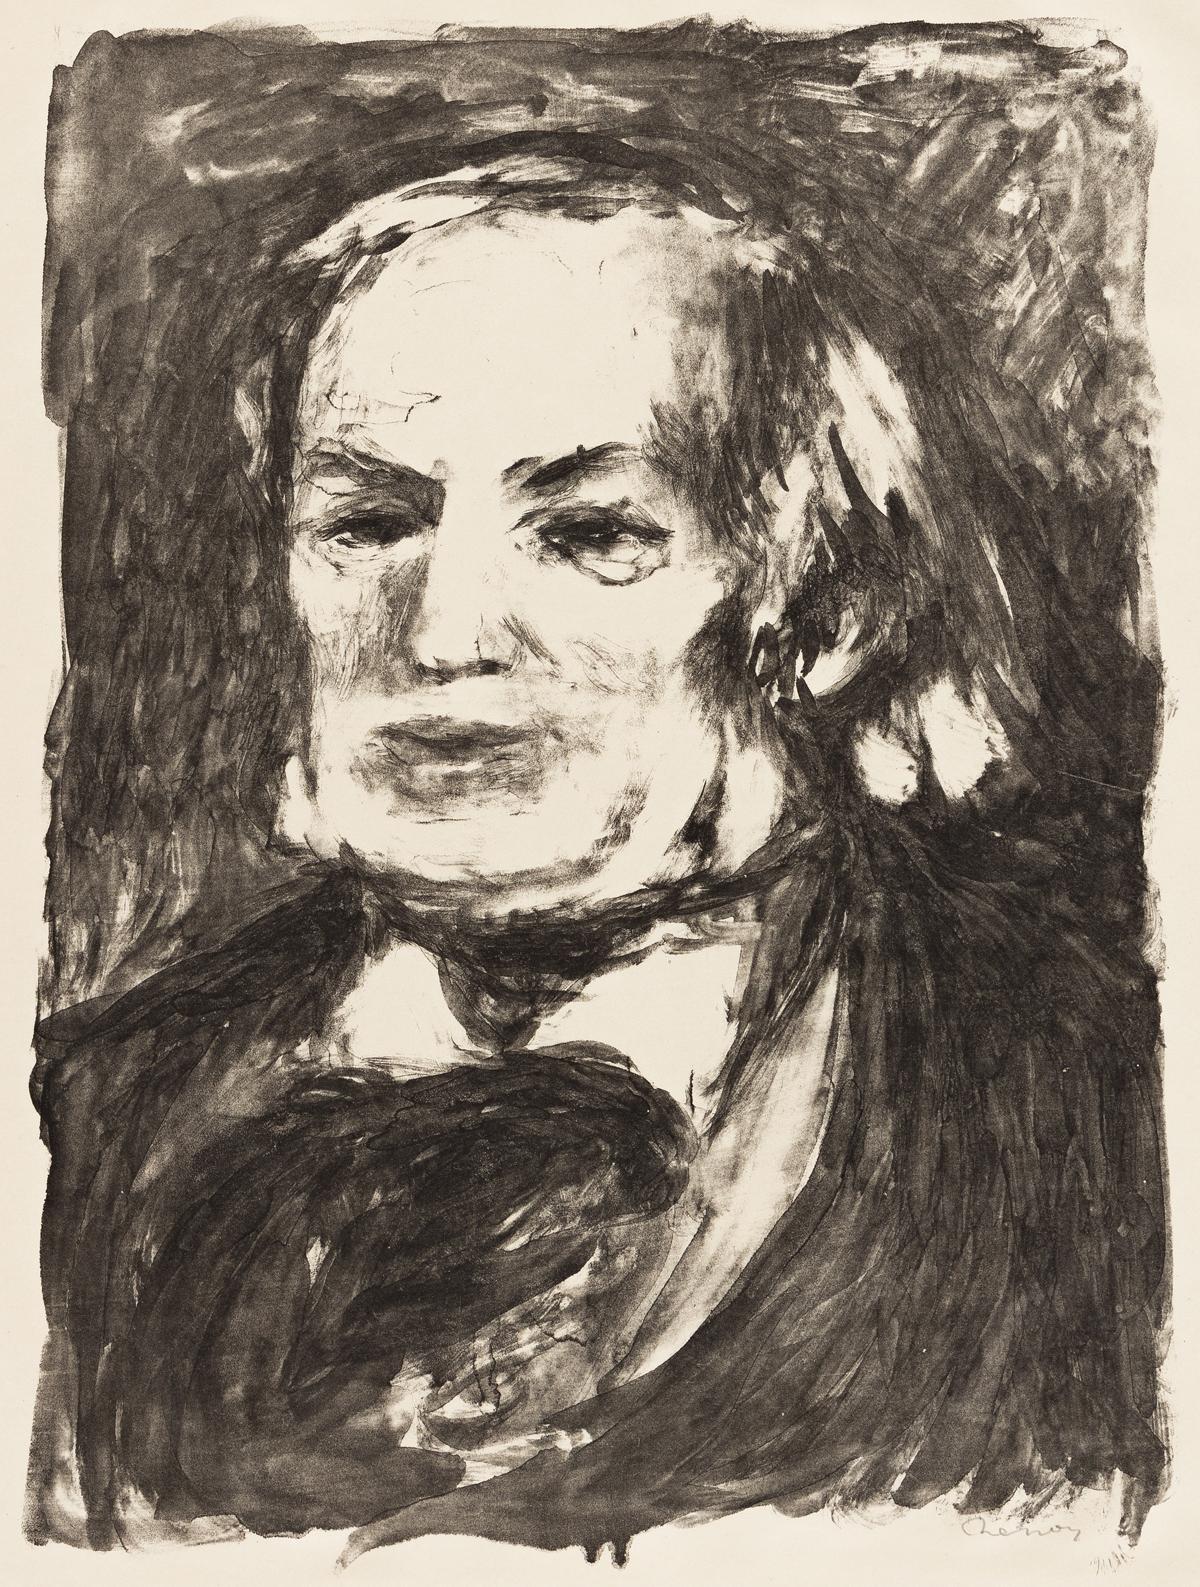 PIERRE-AUGUSTE RENOIR Richard Wagner.